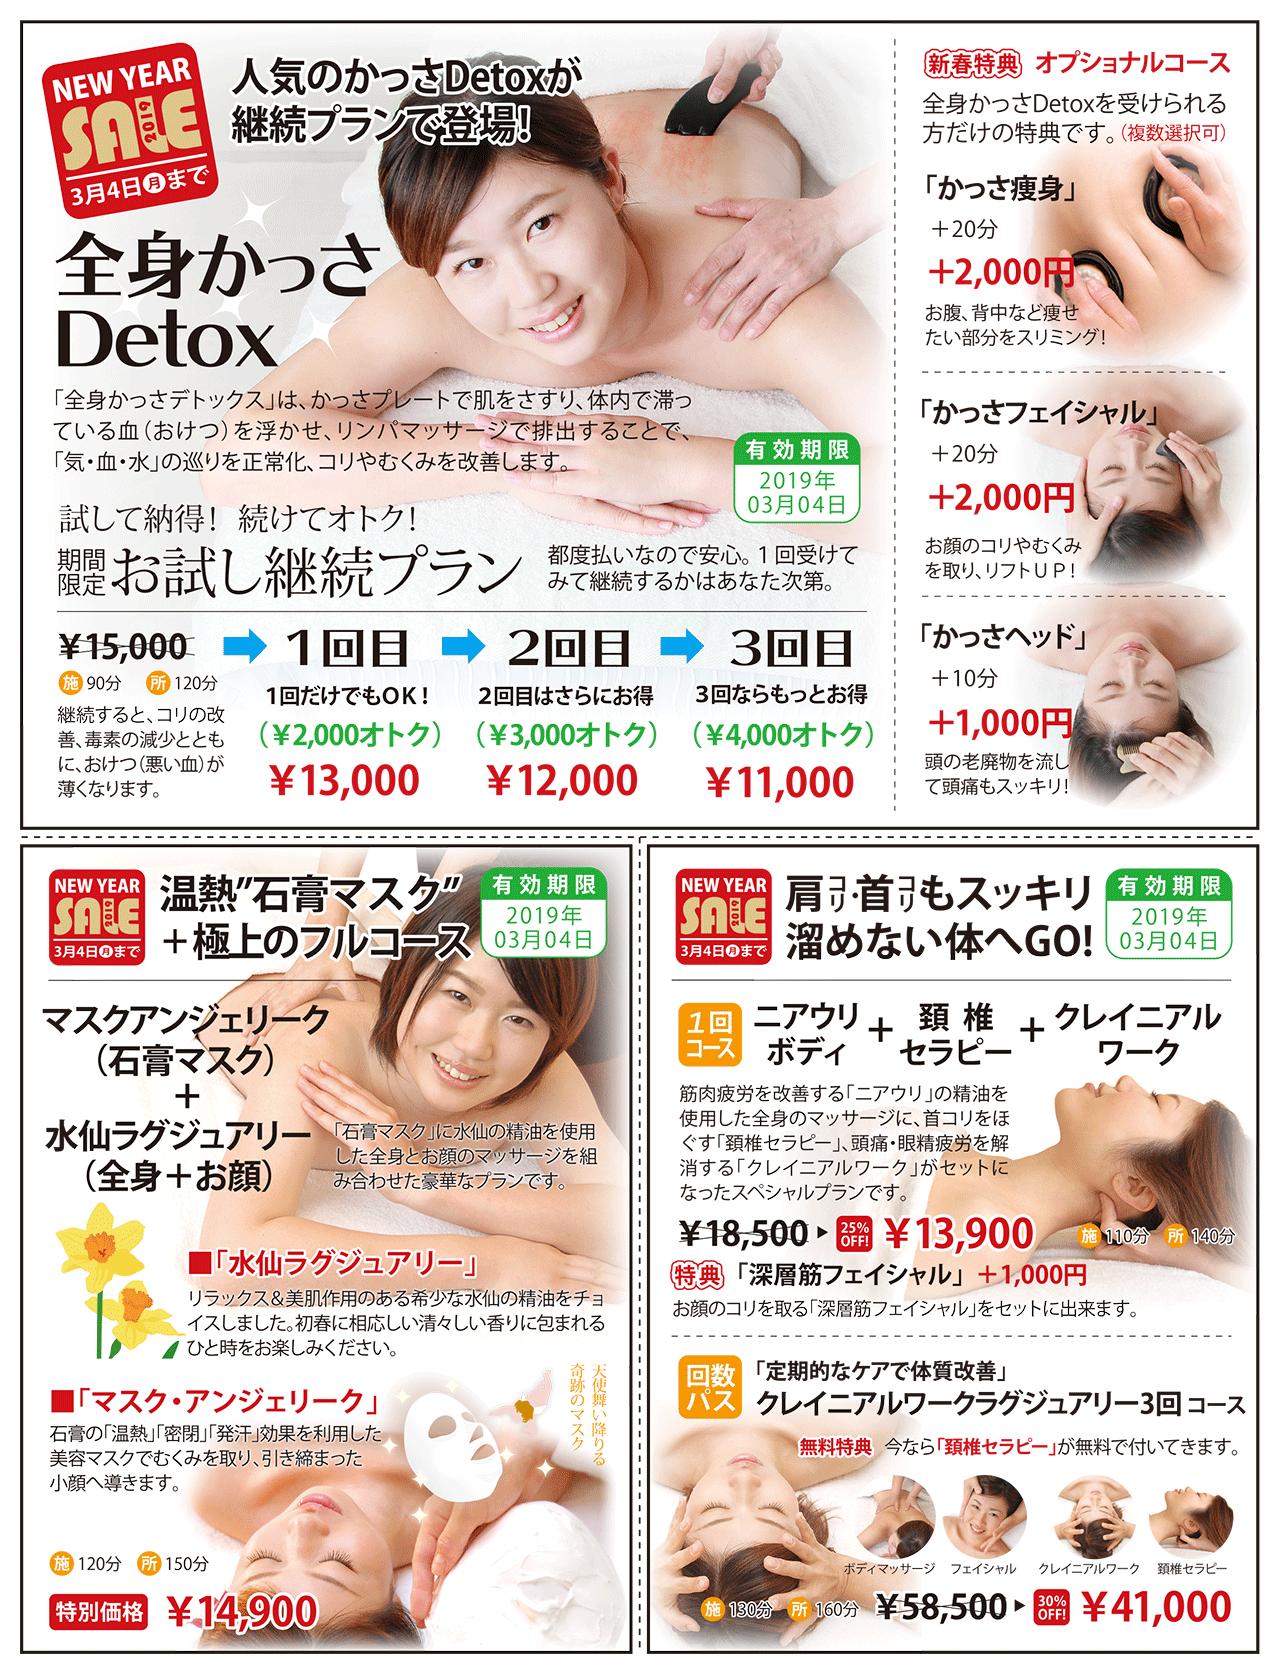 coupon-2019-01